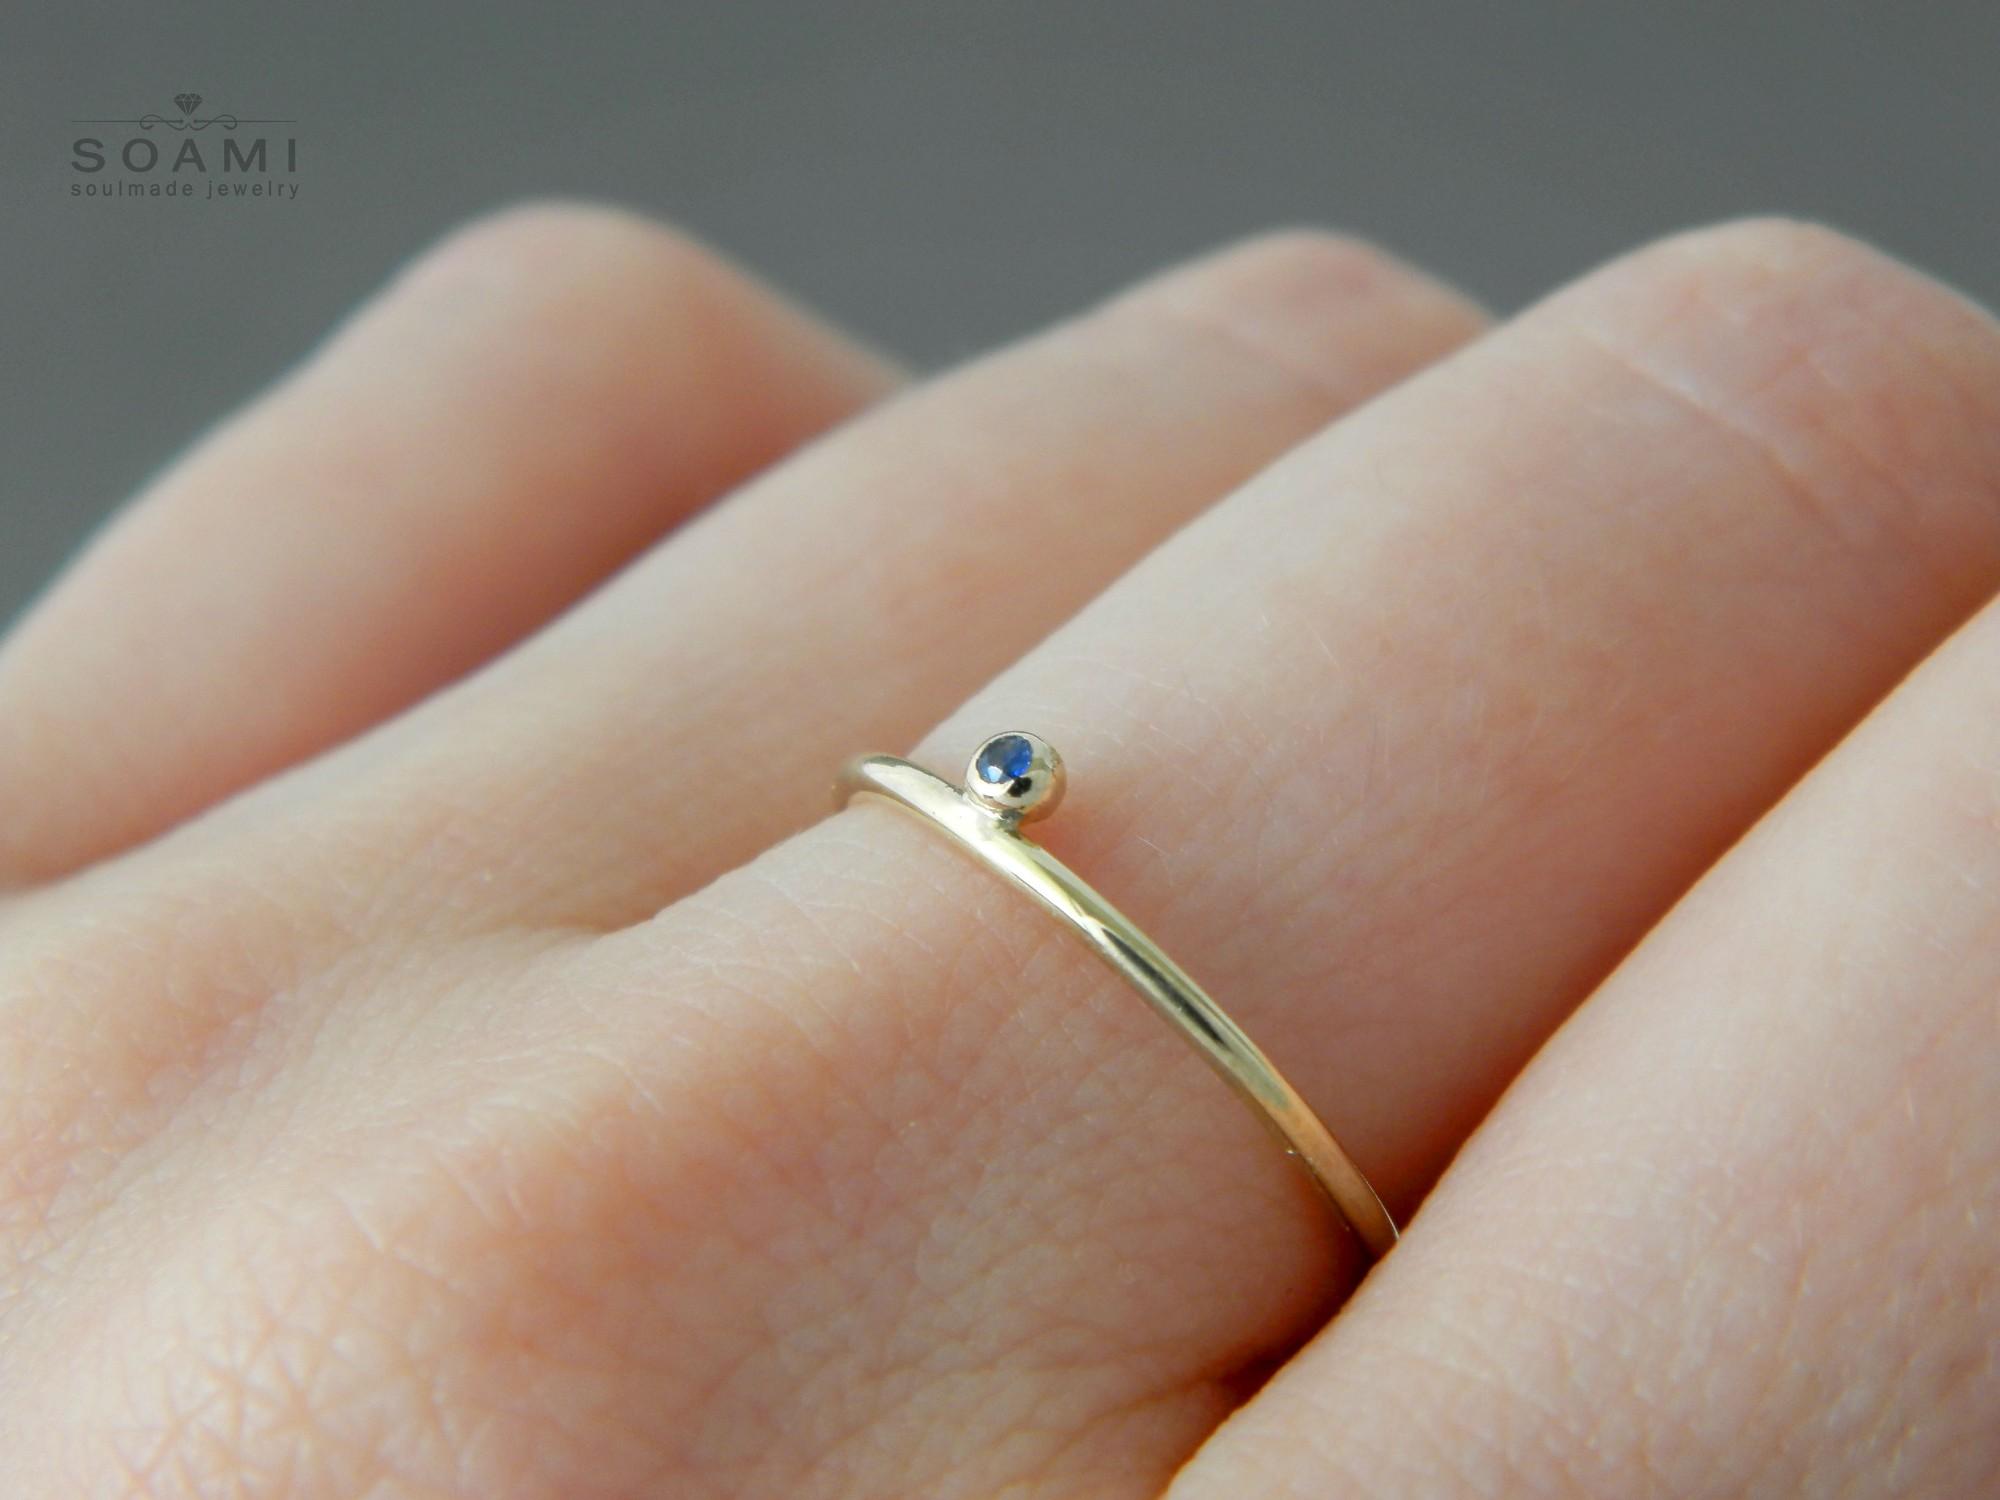 zlatý prsten s přírodním modrým safírem Večernice